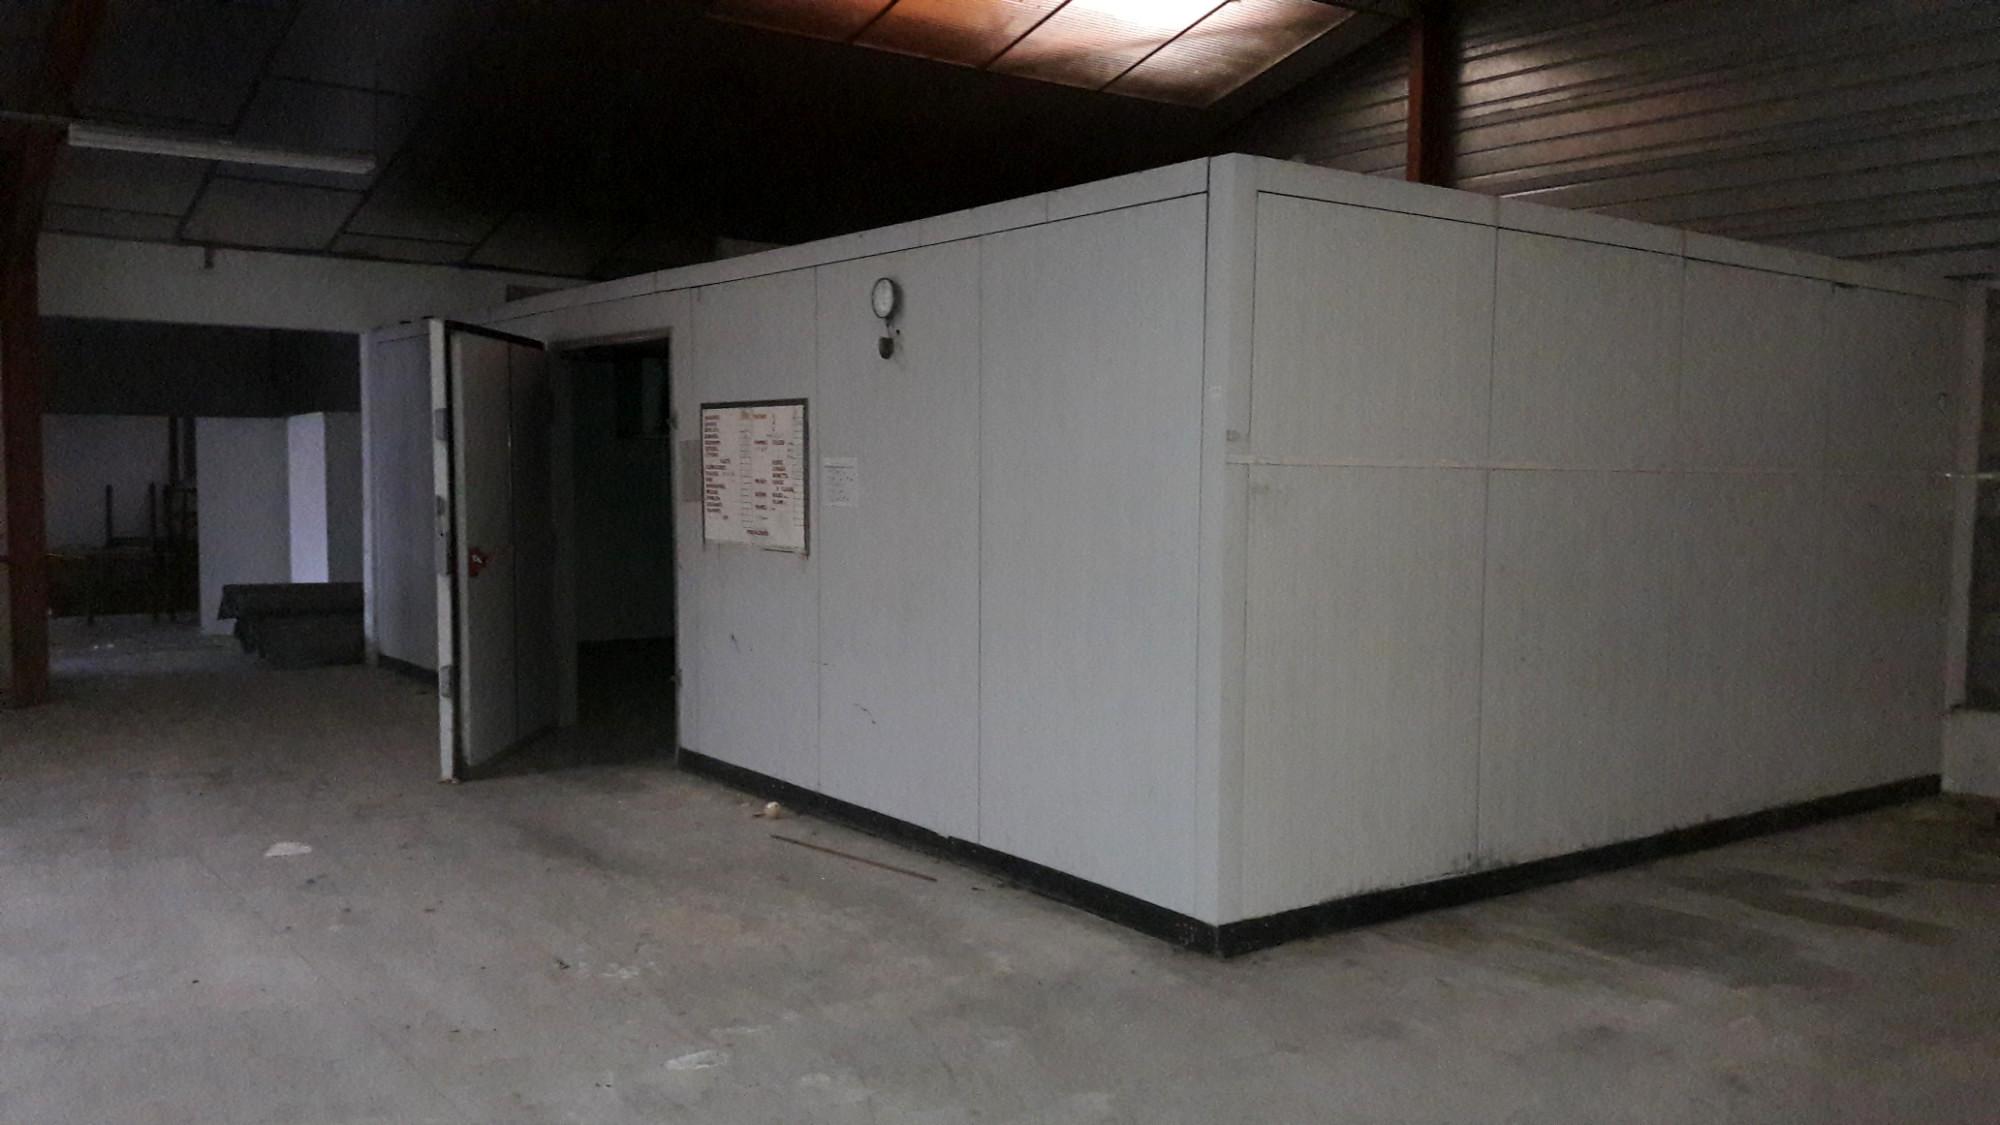 Chambre froide equipement de cuisine d 39 occasion aux for Equipement de cuisine